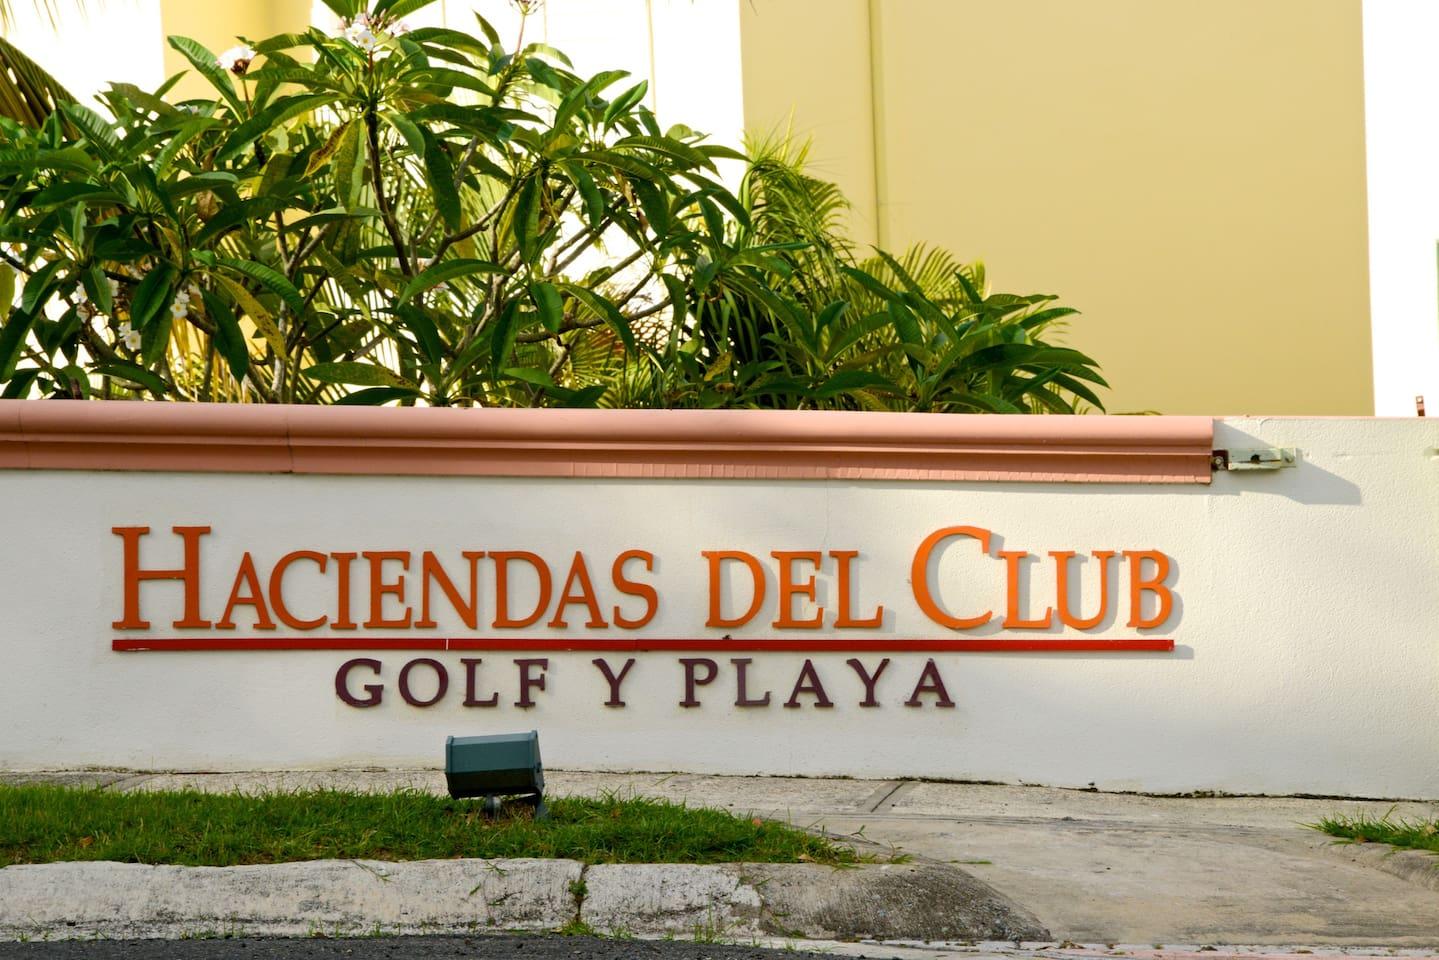 Villa is located at Haciendas del Club Golf y Playa located in Club Deportivo del Oeste